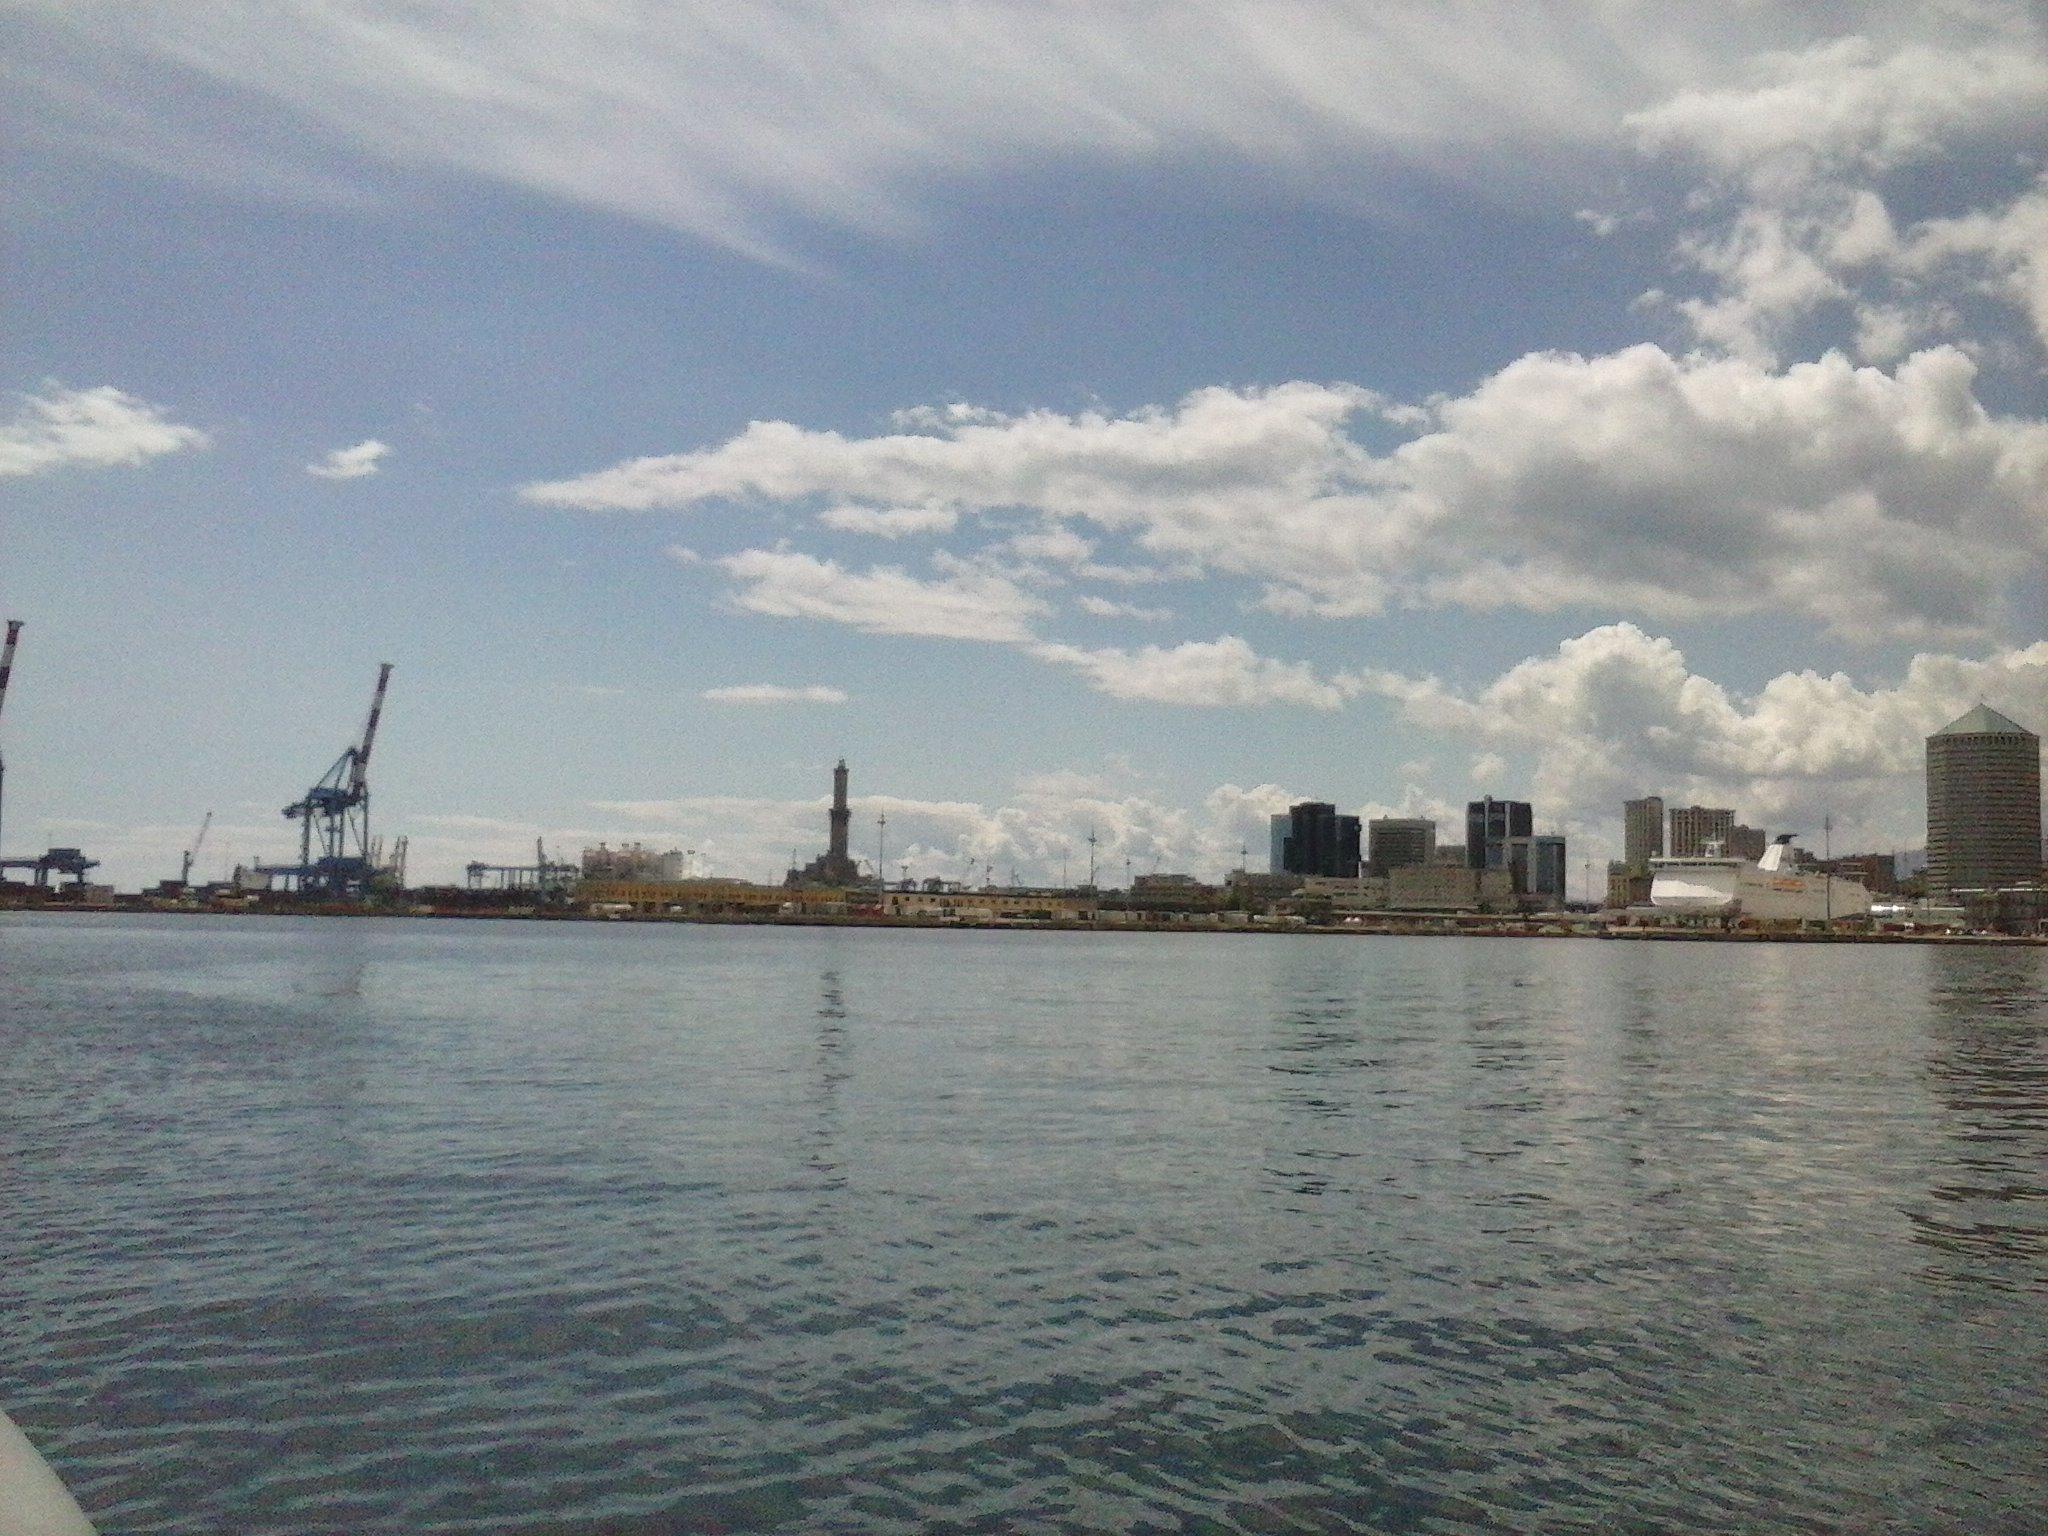 Vista Porto di Genova - 24-05-2015-07